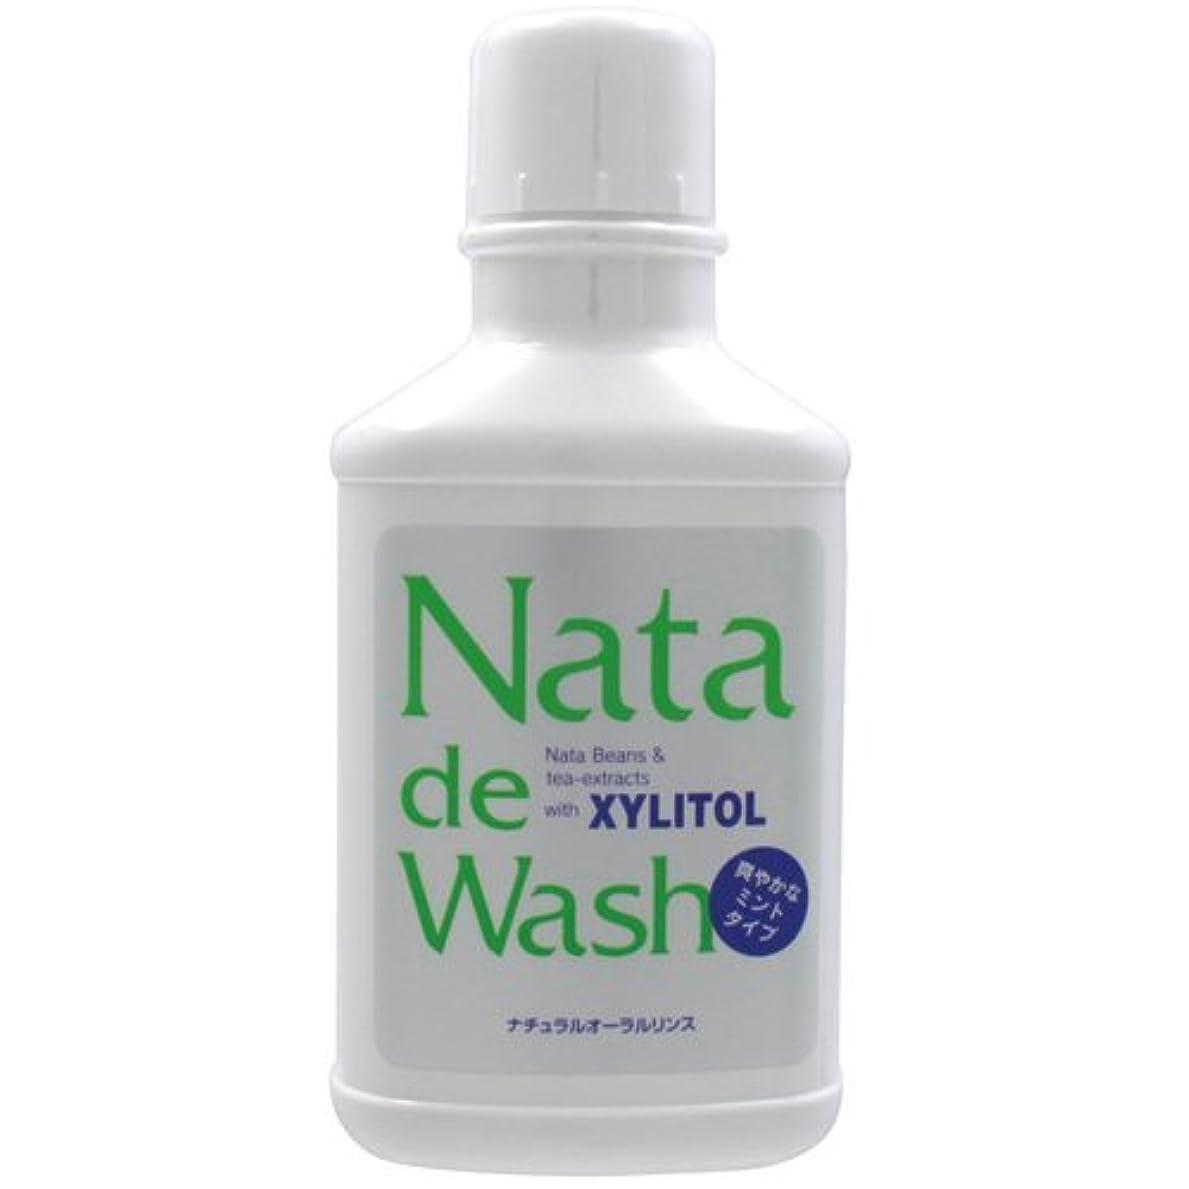 放射性トラフ心からナタデウォッシュ 500ml 口臭予防 歯磨きの後にお勧め ナタデ ウォッシュ